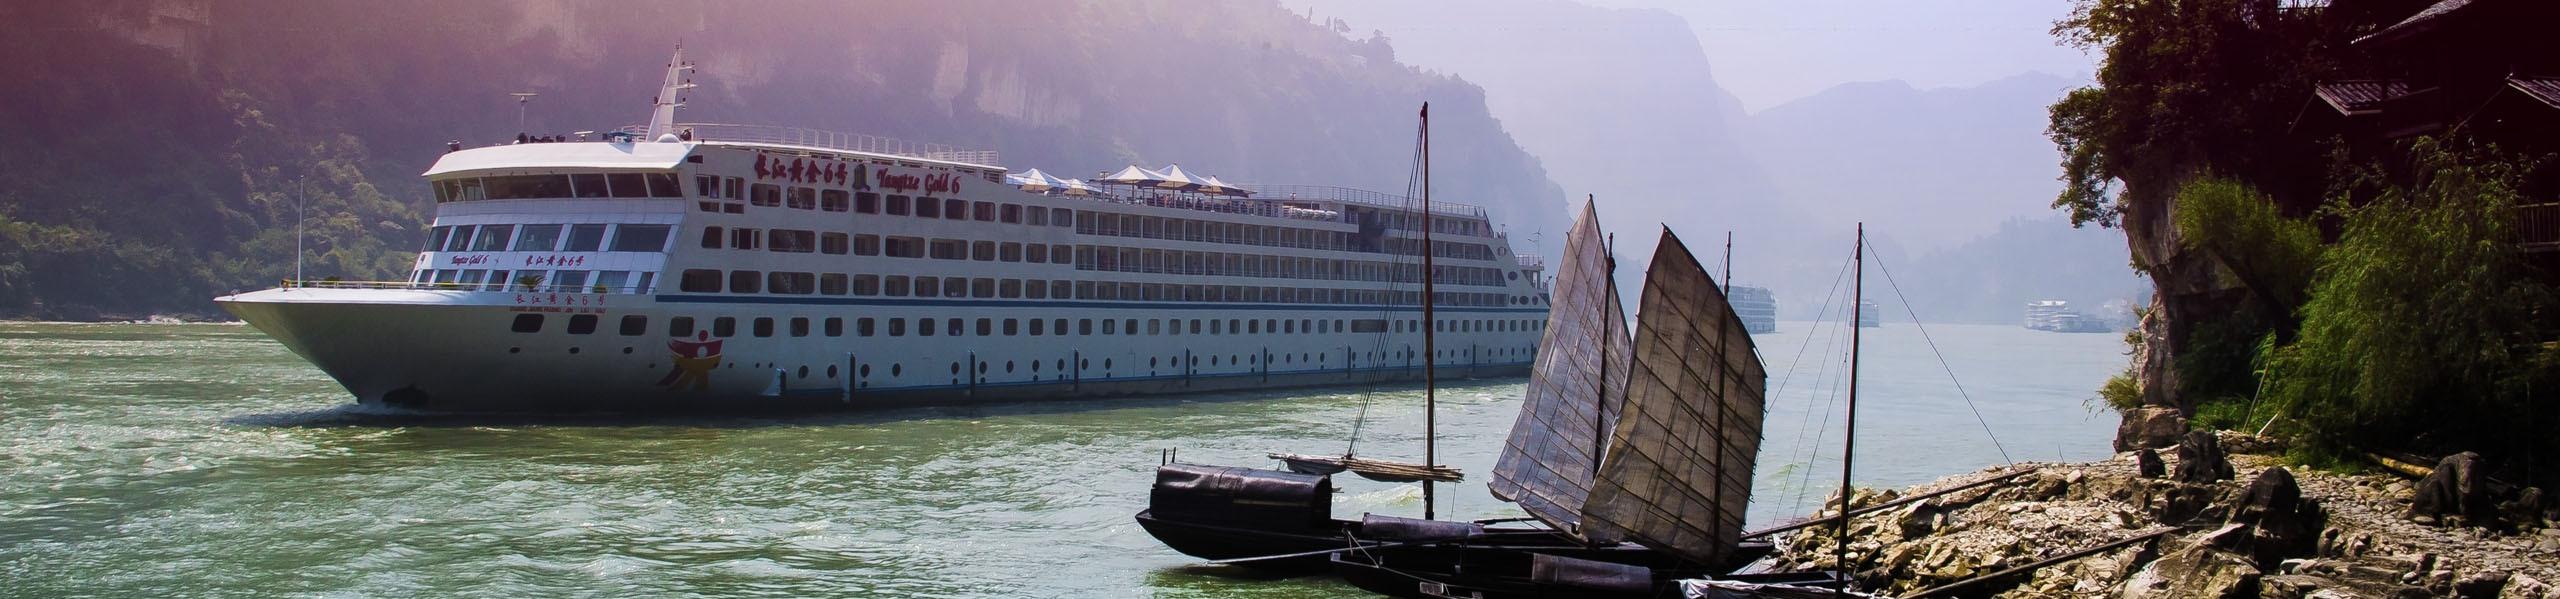 Yangtze Gold 6 Cruise